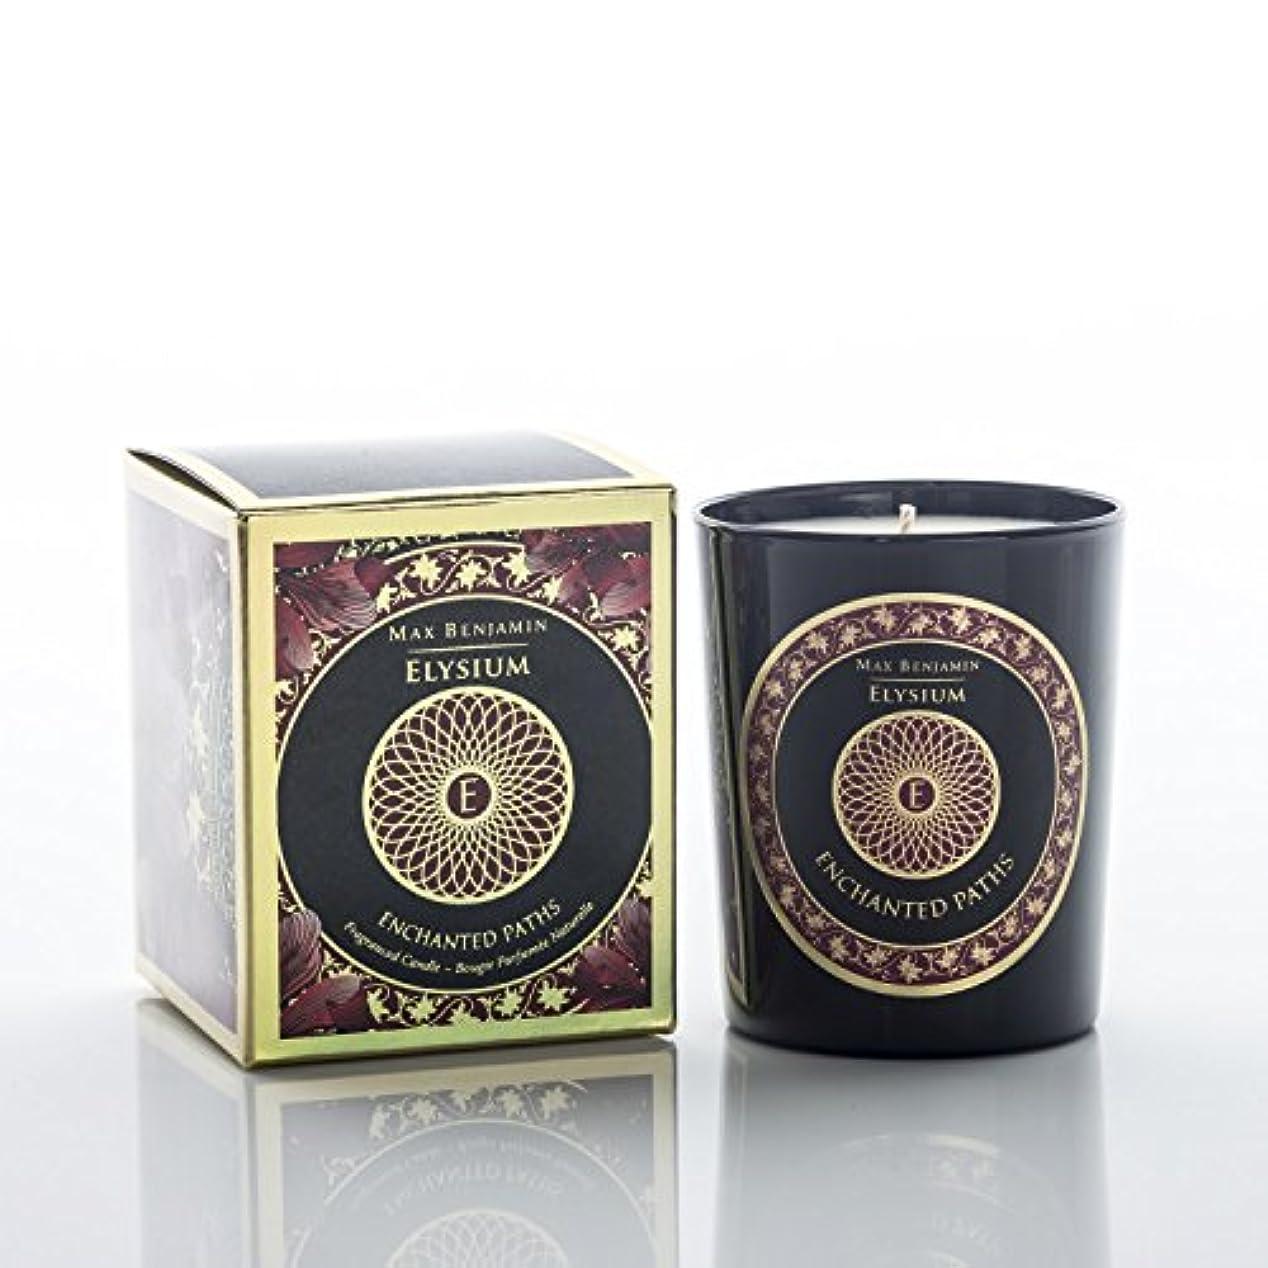 変装実装する混雑Max Benjamin Elysium Candle香りつき190 gガラスJar MB-EC1